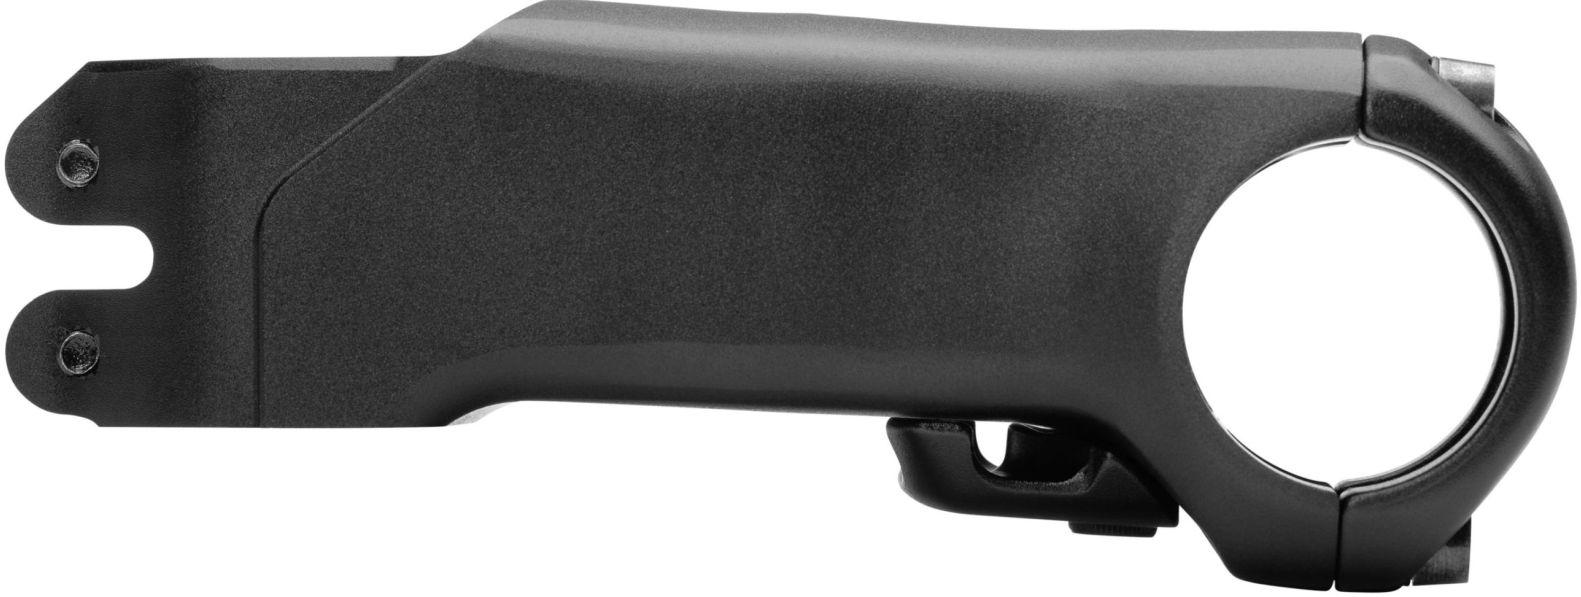 Specialized S-Works Venge Stem 31.8mm/6D - black 90mm